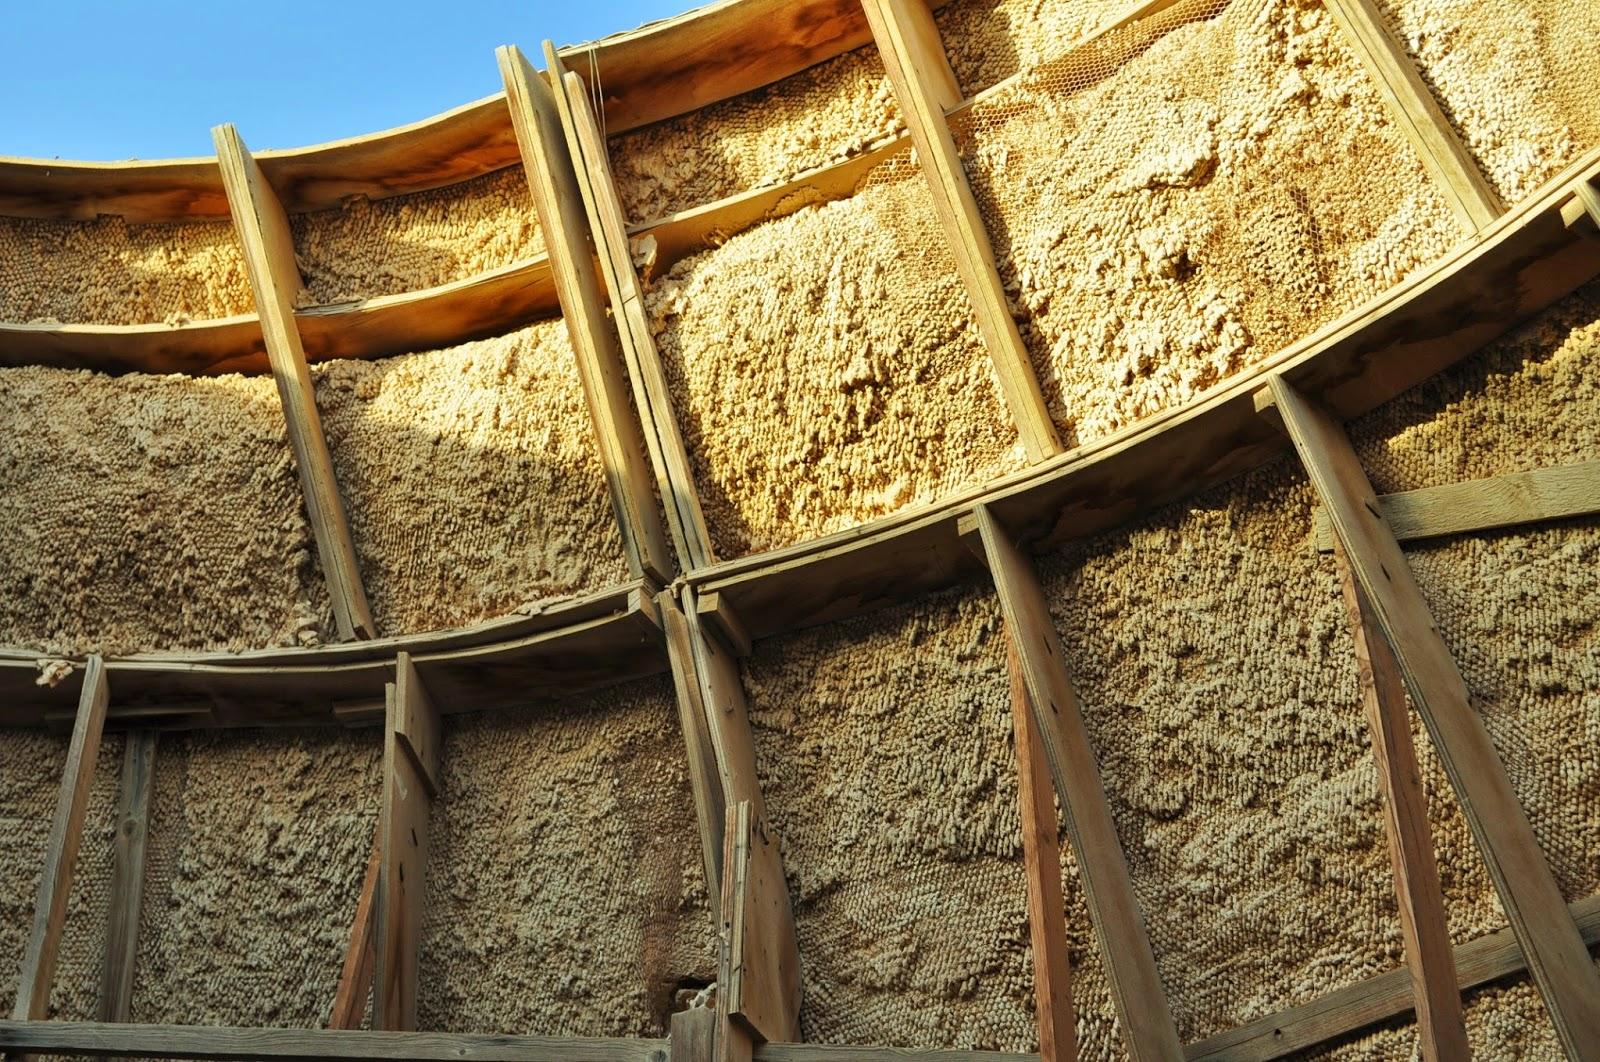 Незнайно защо отвътре някои от къщичките са изградени с тези подобия на кошери от които всеки момент ще изскочат извънземни оси